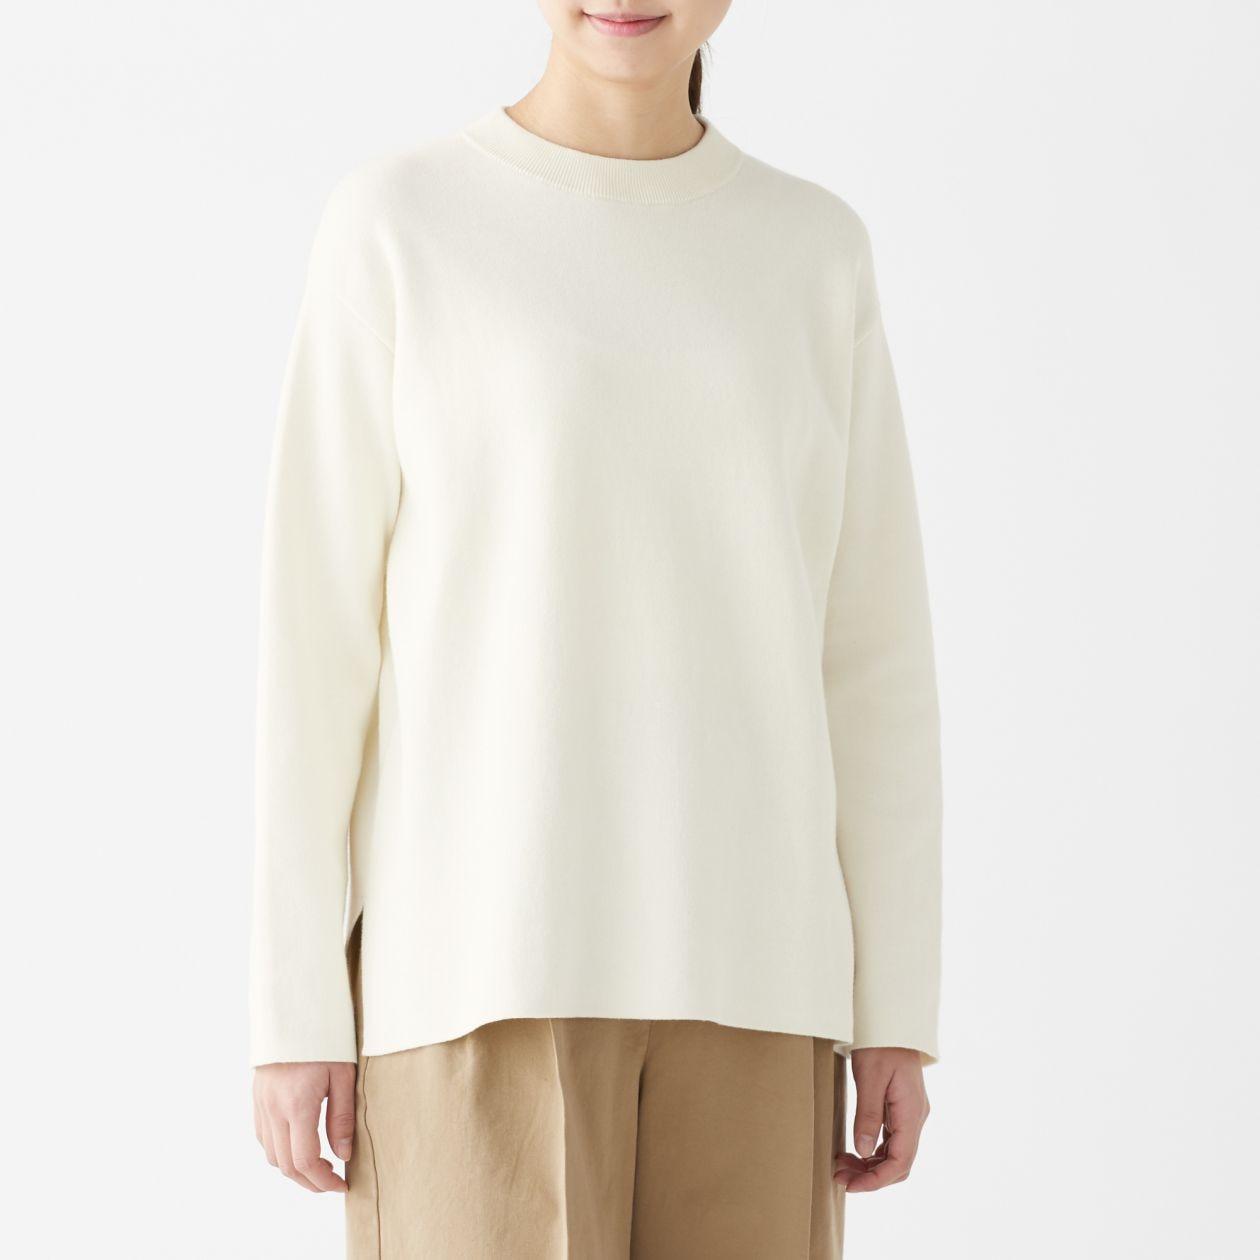 ダブルフェイスクルーネックセーター